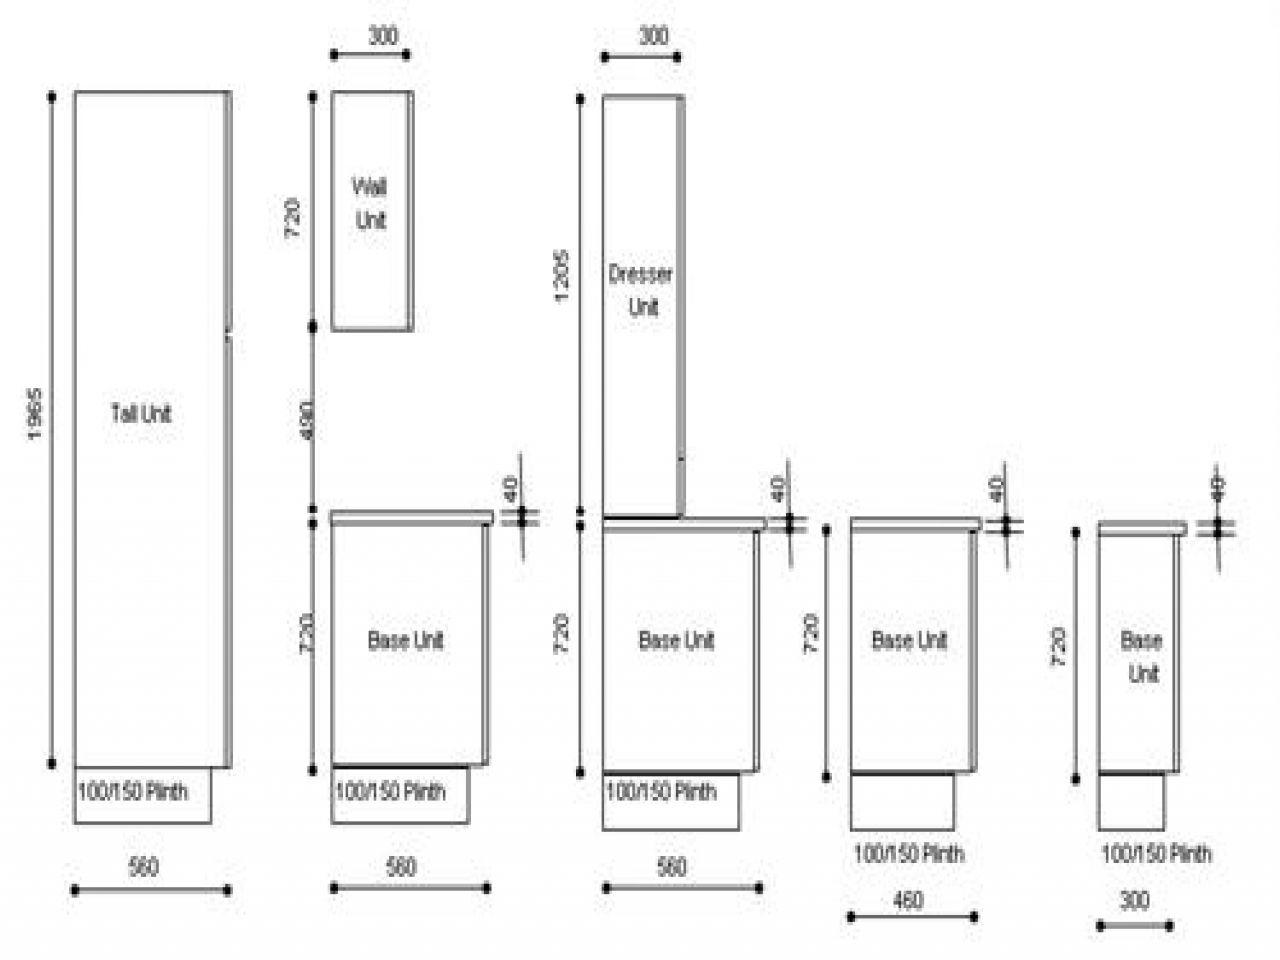 Dimensiones De Muebles De Cocina | Medidas Estandar Muebles Cocina